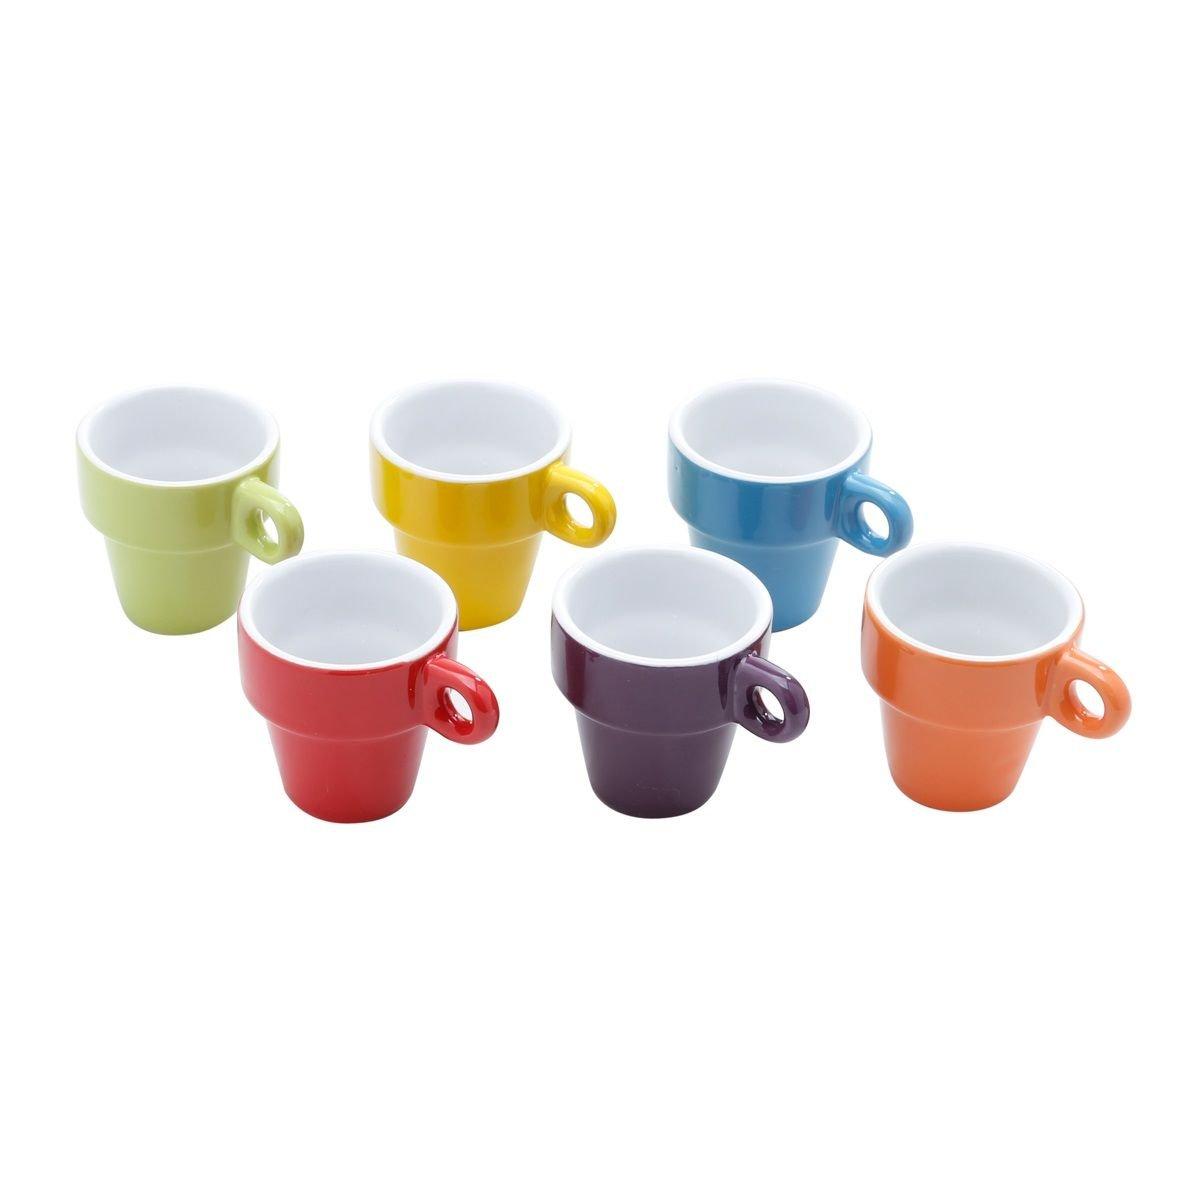 Jogo 6 xícaras 60ml para café de porcelana colorido com suporte Bon Gourmet - 30367